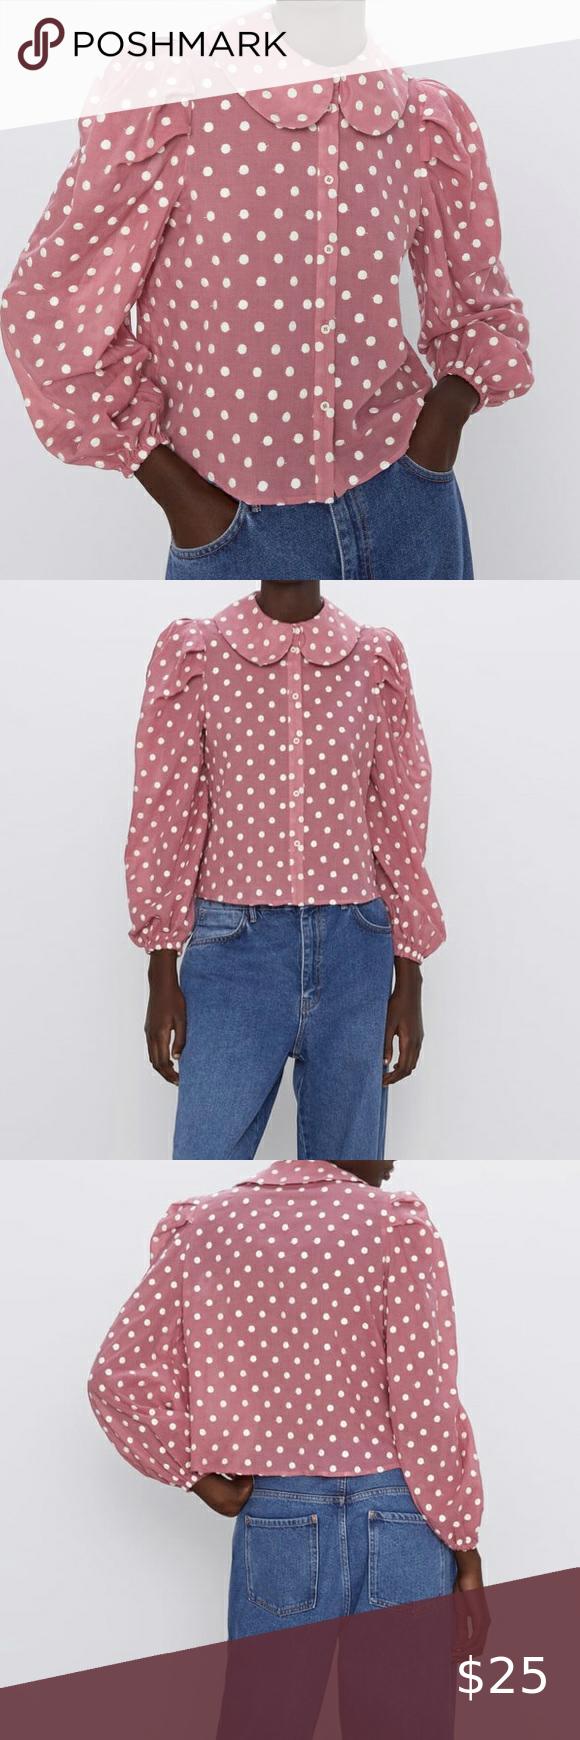 Pink And White Polka Dot Shirt